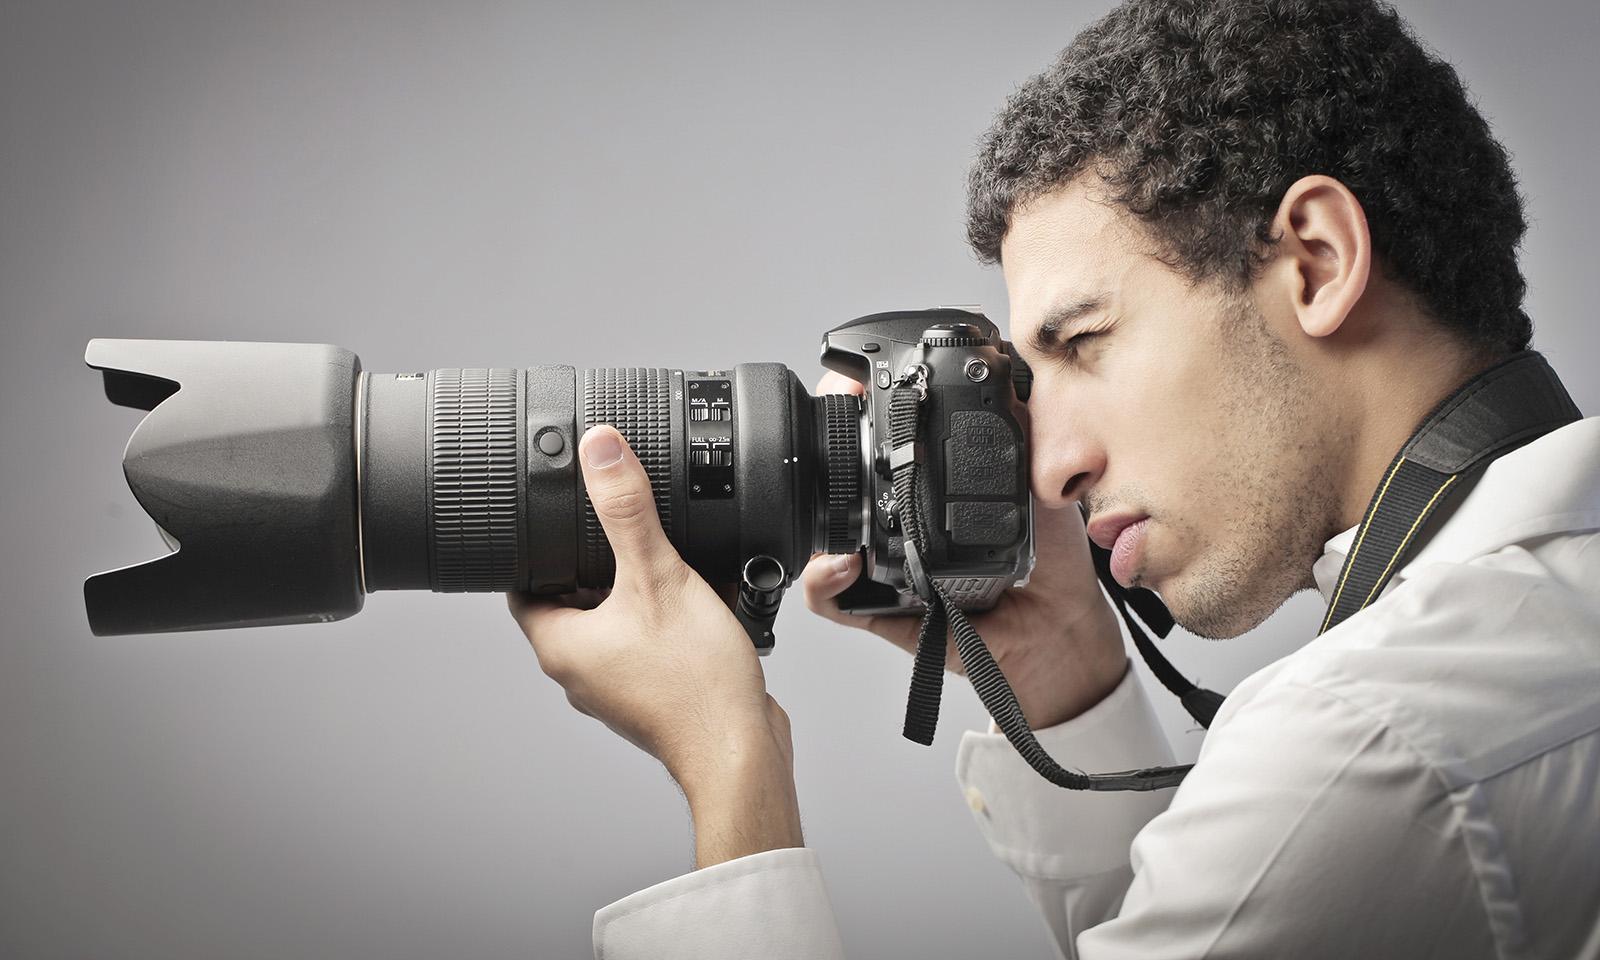 придают вашему где можно взять профессиональные фото для сайта сделать хорошее